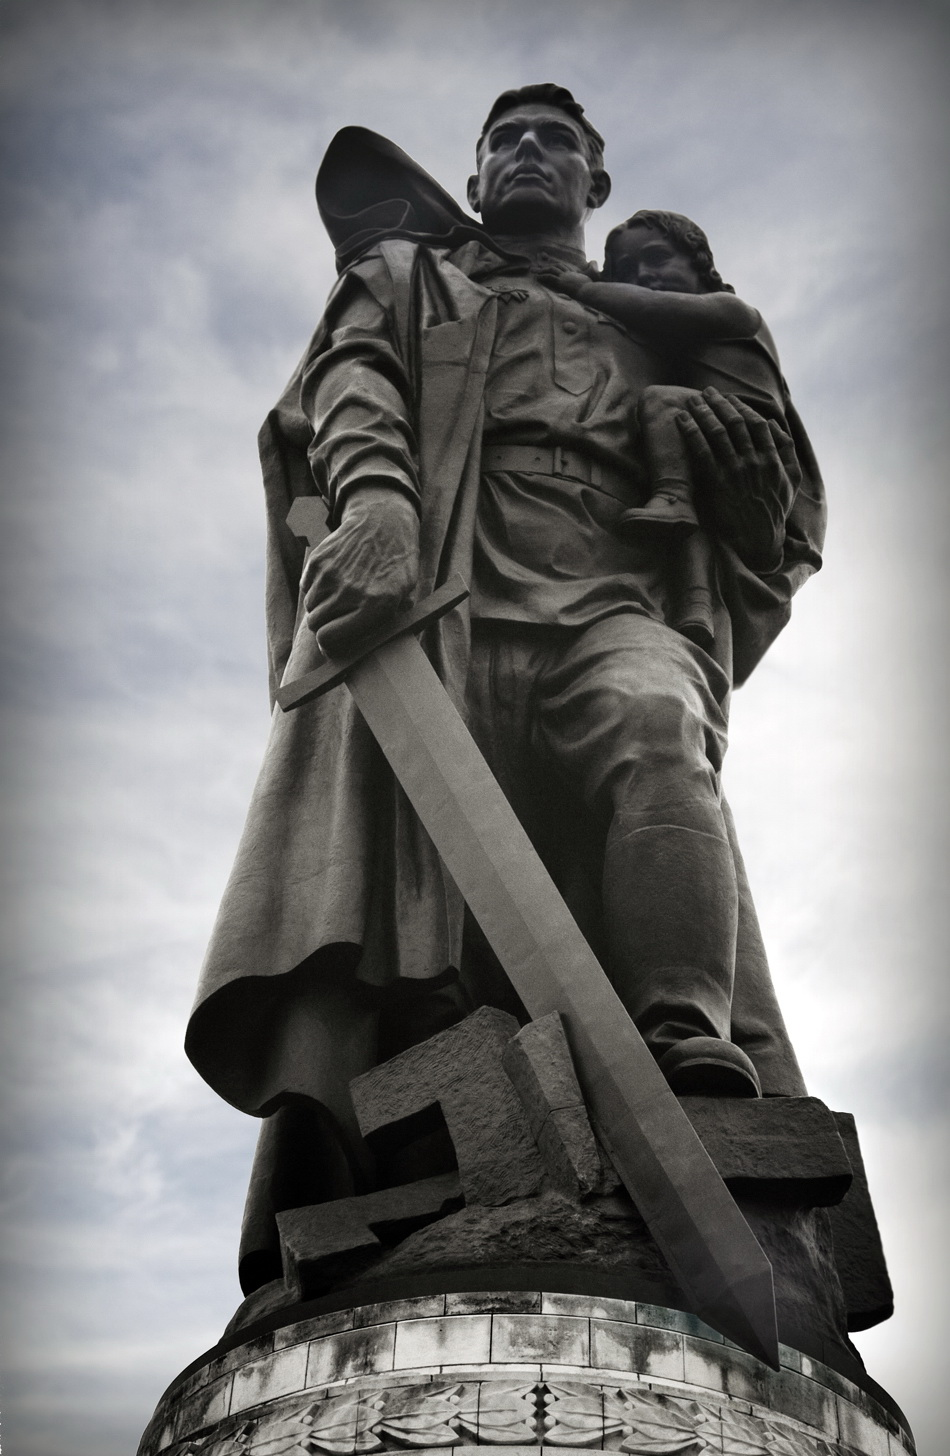 Памятник советскому солдату с девочкой на руках. Трептов-парк. Берлин.